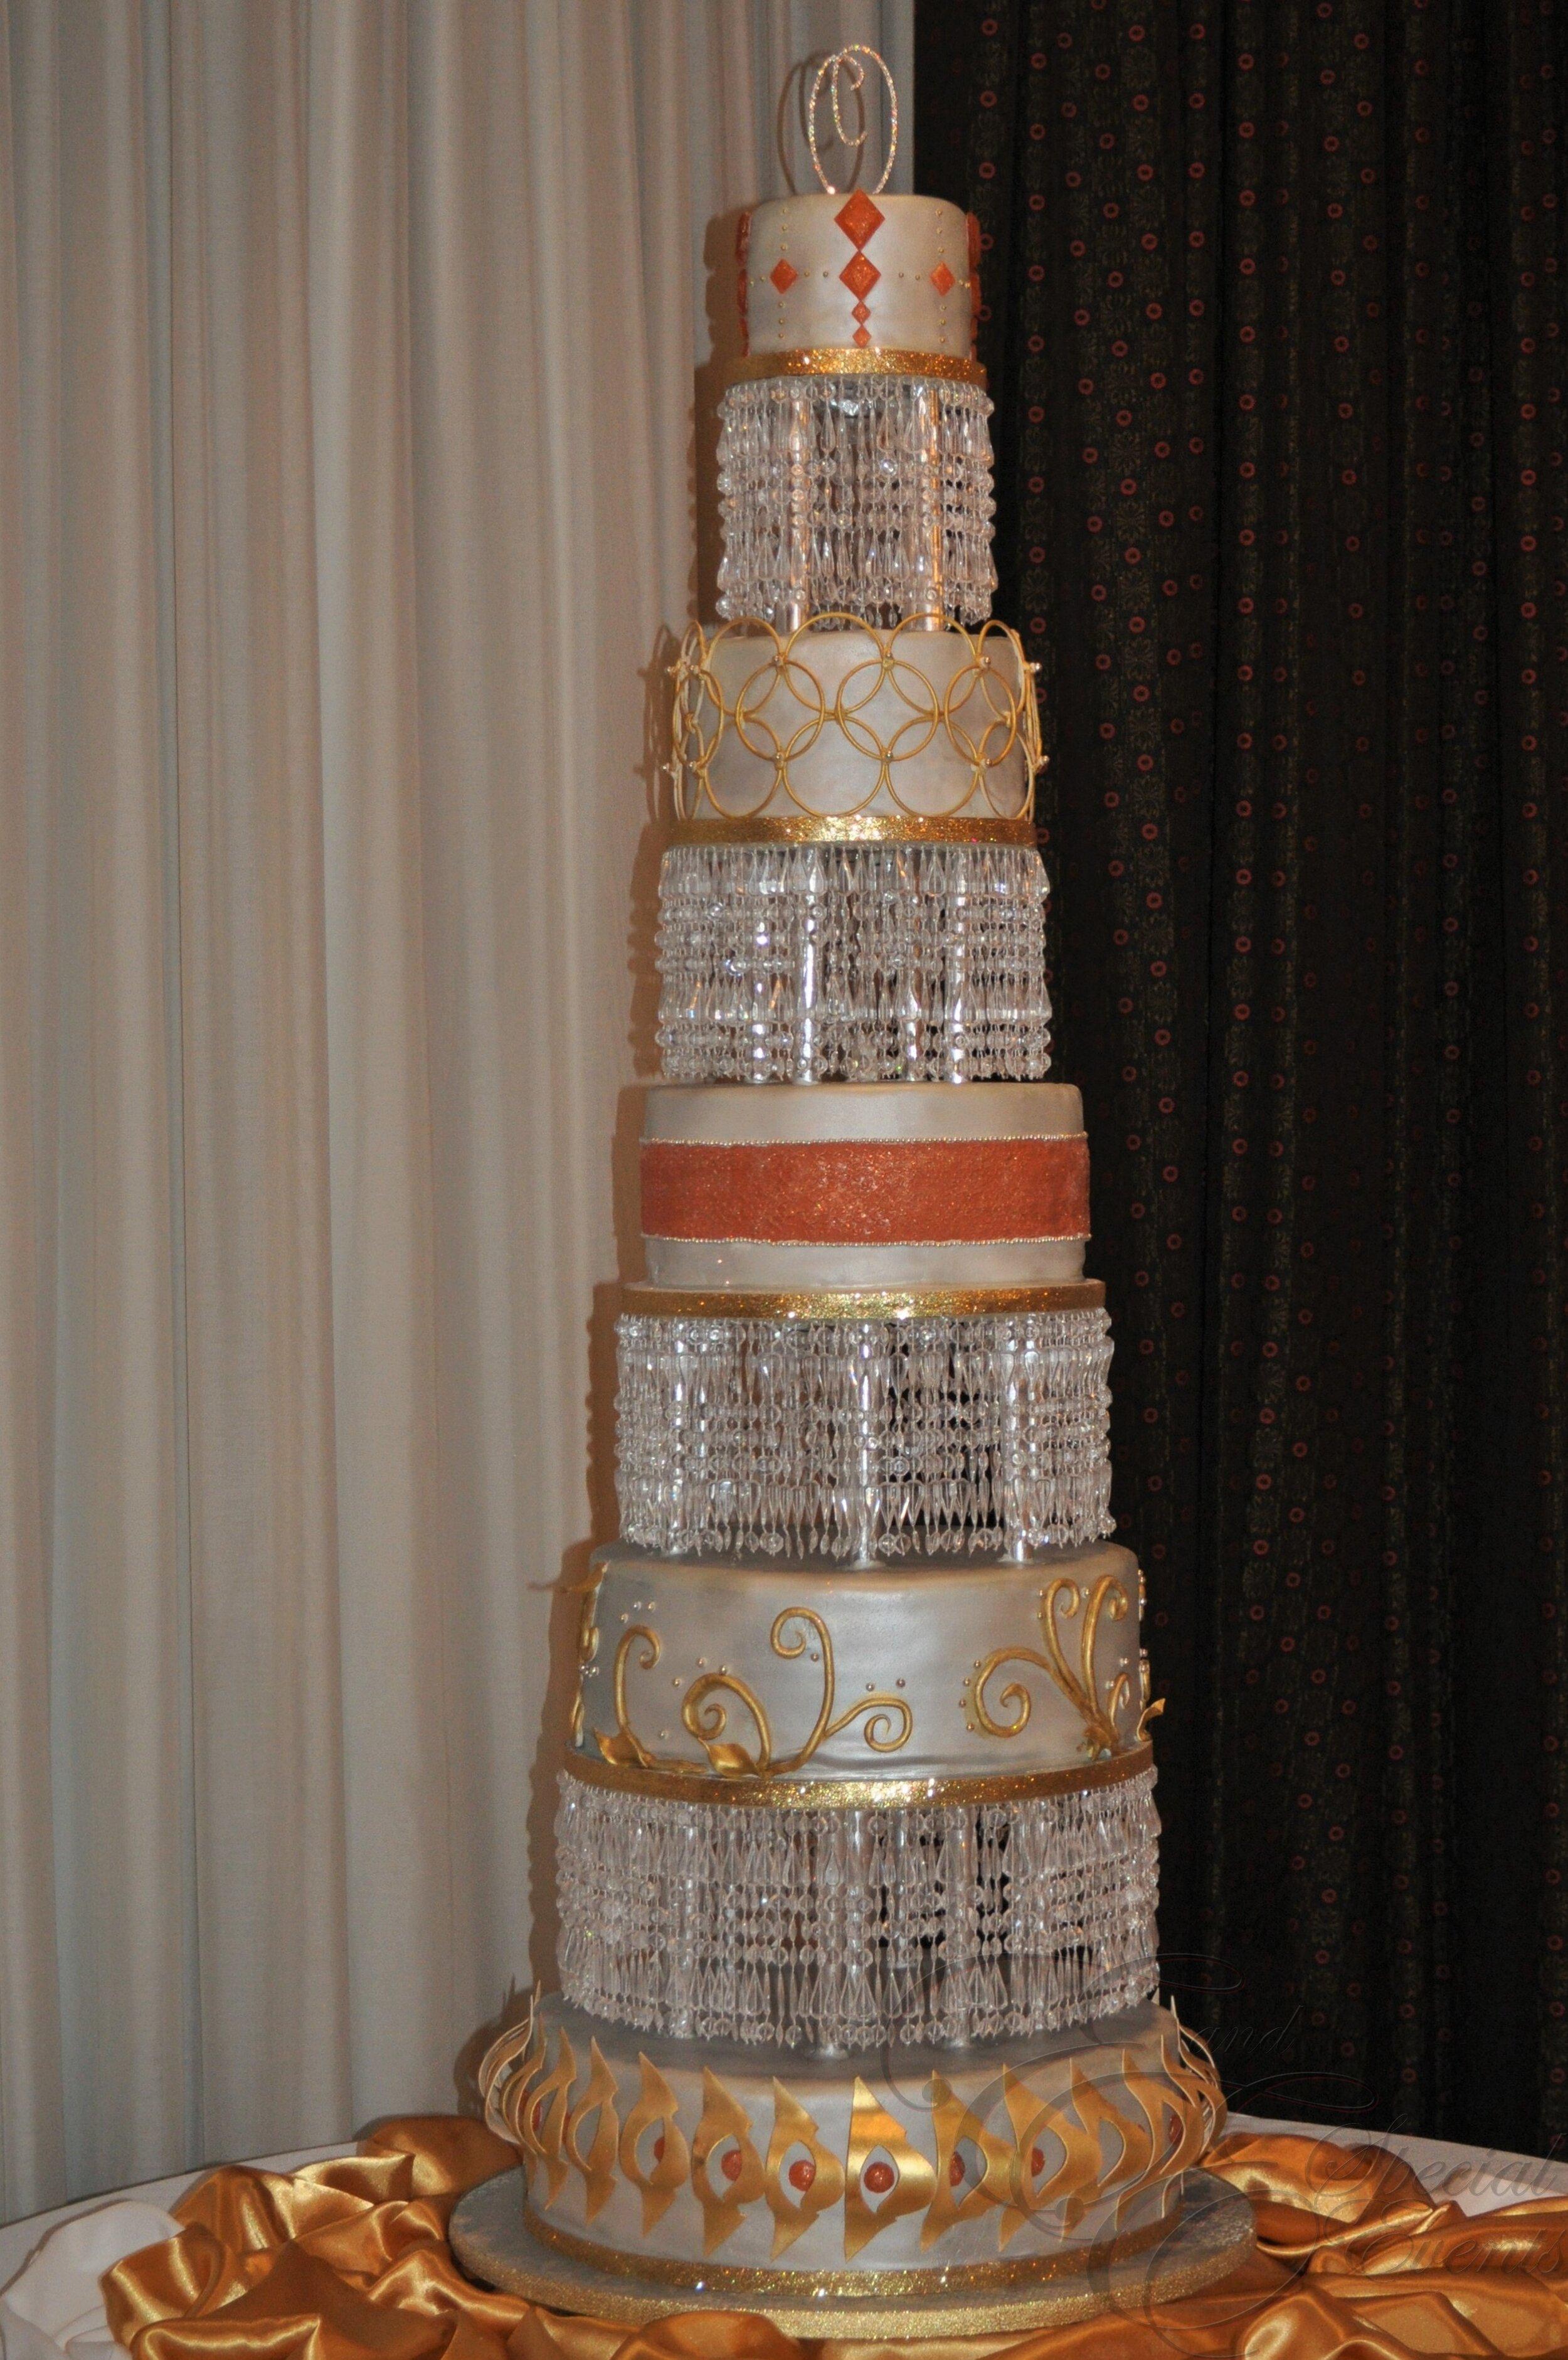 E_E_Special_Events_Unique_Wedding_Cakes_Virginia_Beach_Hampton_Roads1.jpg